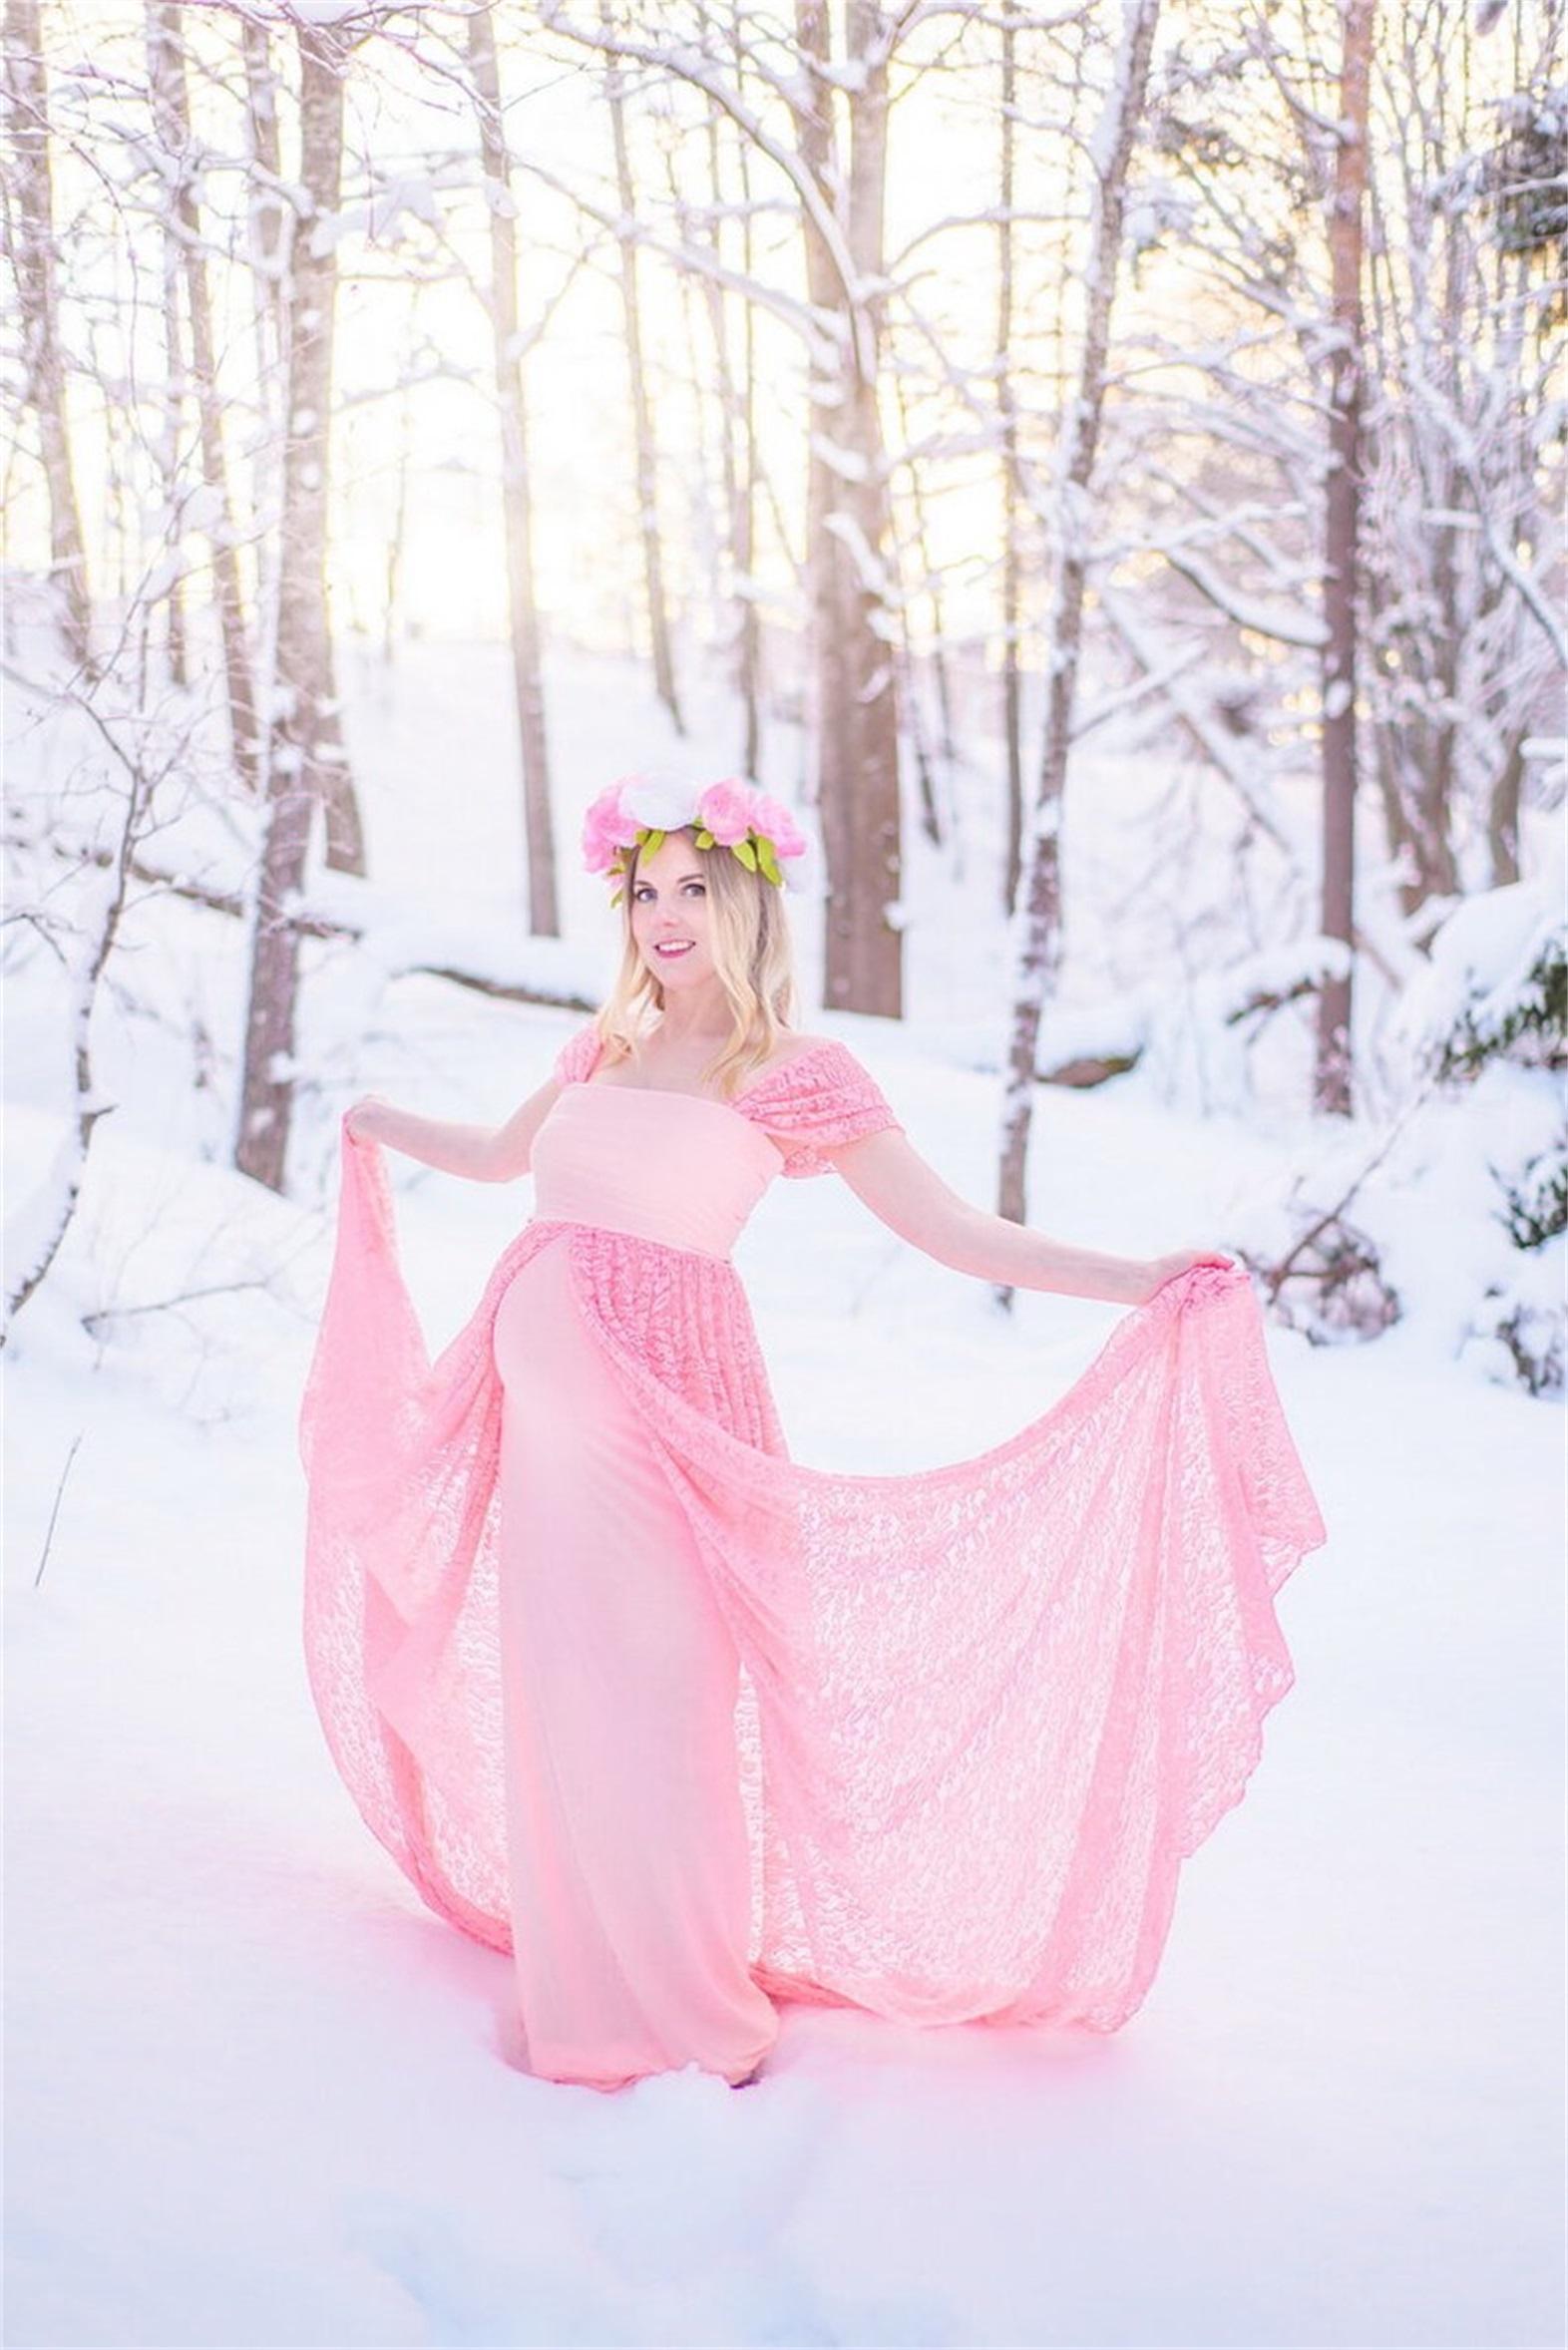 Розовые кружевные материнские вечерние платья русалка детские душевые платья выпускного вечера Photoothoot Hatrombe ночной беру беременности вечеринка платье плюс размер